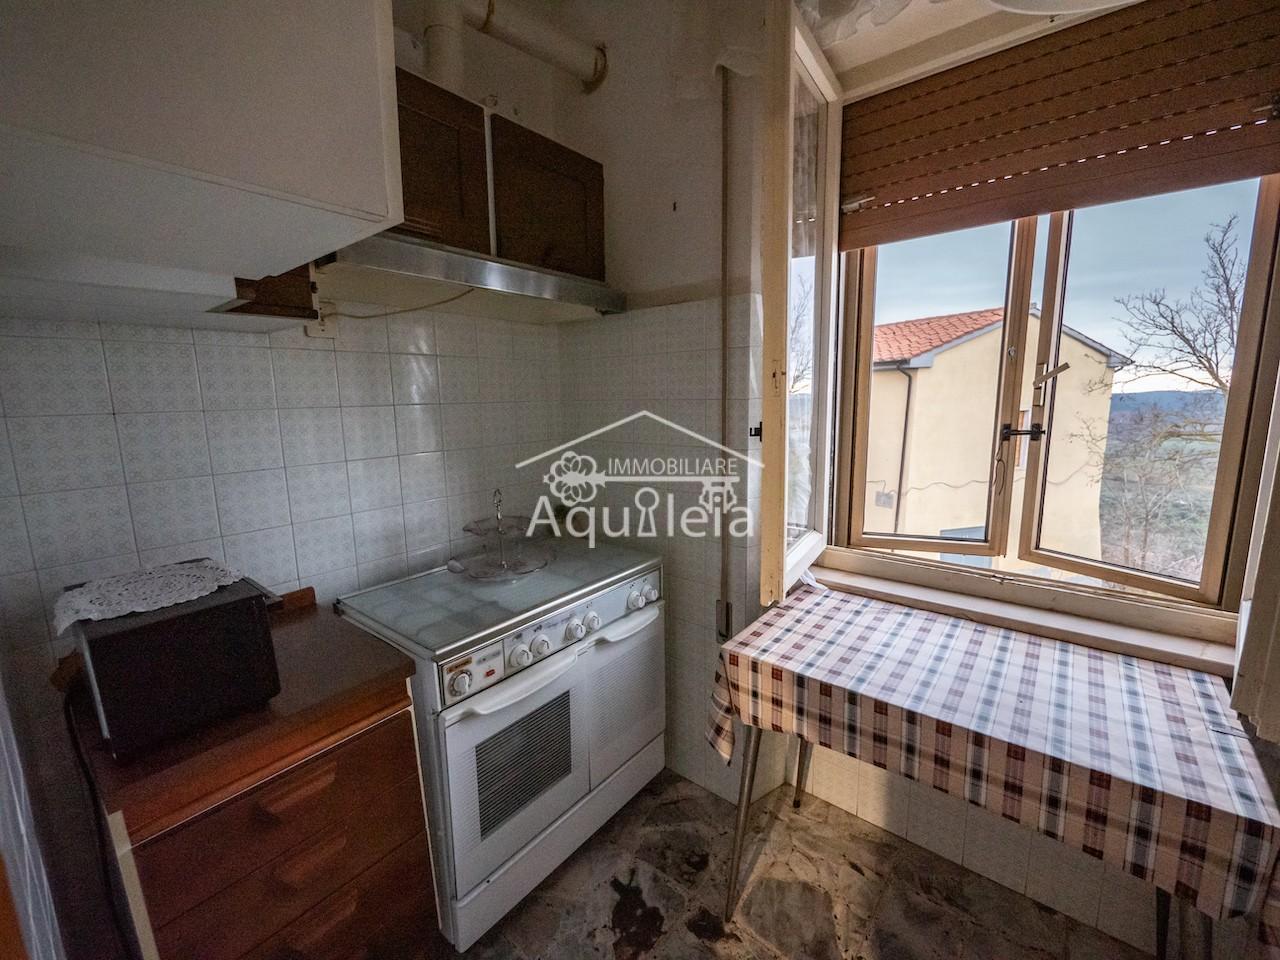 Appartamento in vendita, rif. Aq 1886